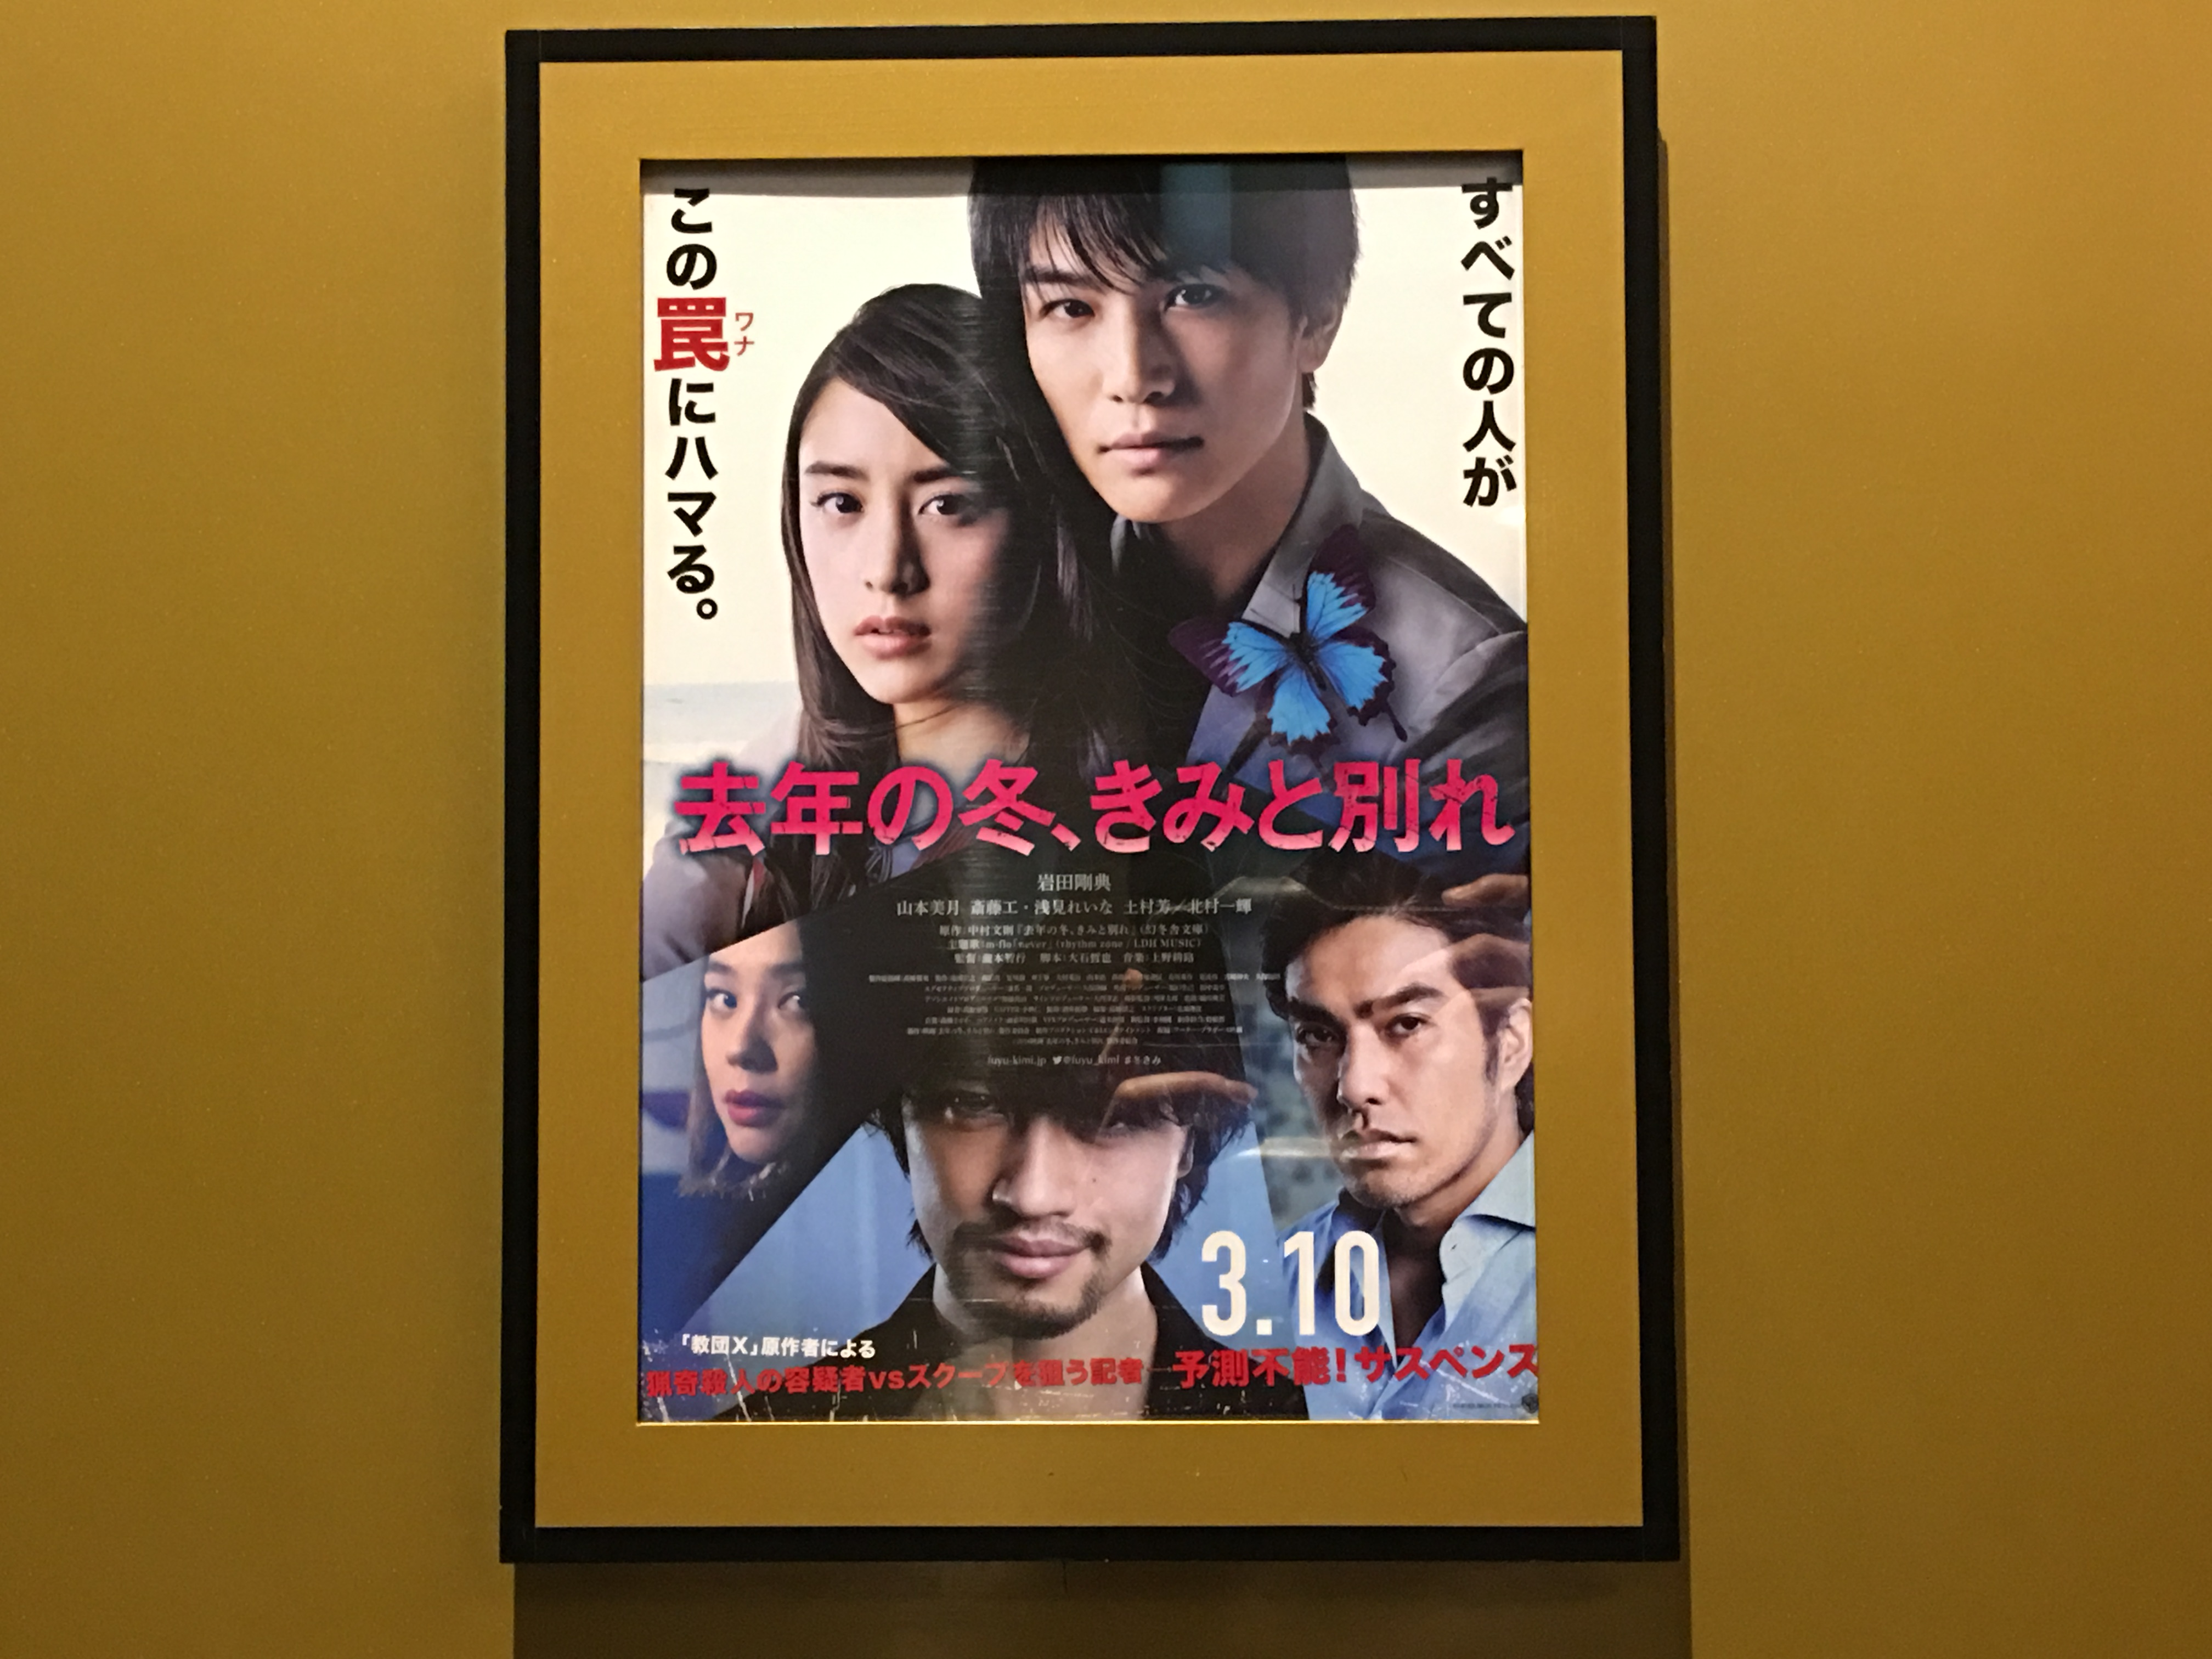 冬きみ,岩田剛典,斎藤工,山本美月,映画,movie